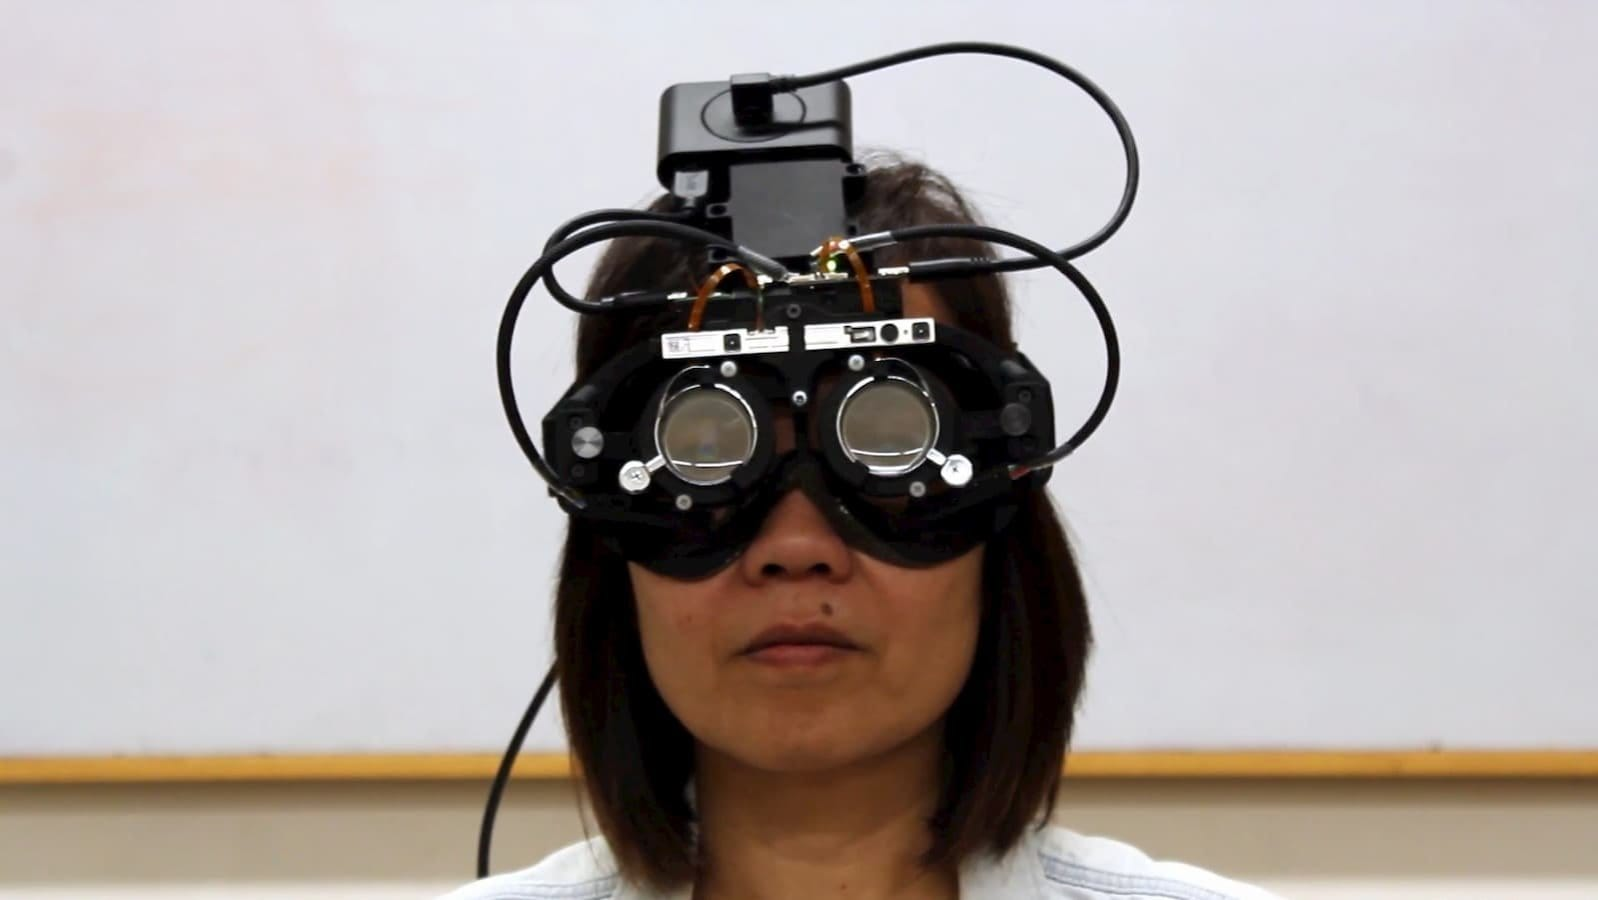 視線追跡で見たものに焦点を合わせる眼鏡「autofocals」、スタンフォード大が開発